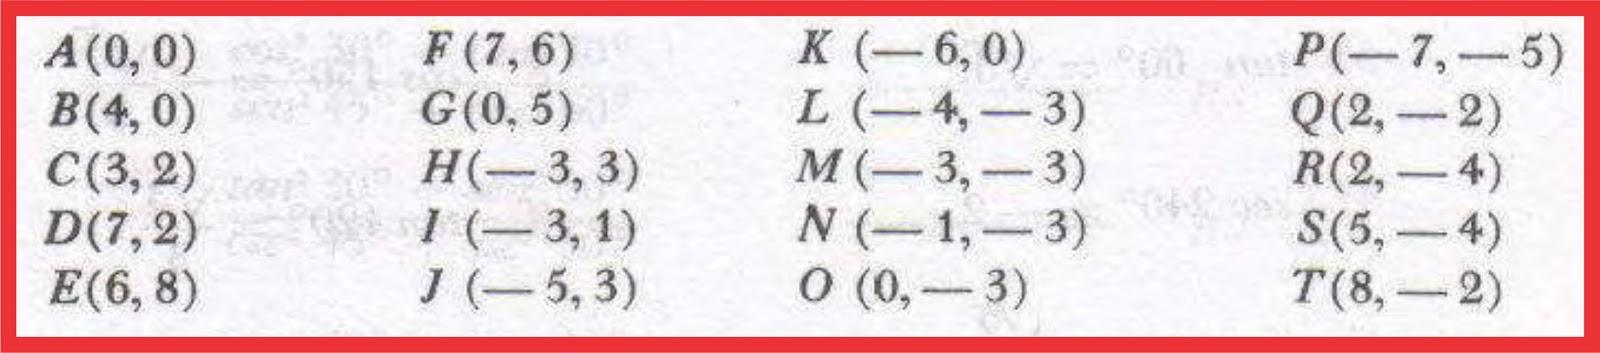 Bienvenido Alumnos al Blog de Matemáticas: Matemáticas II